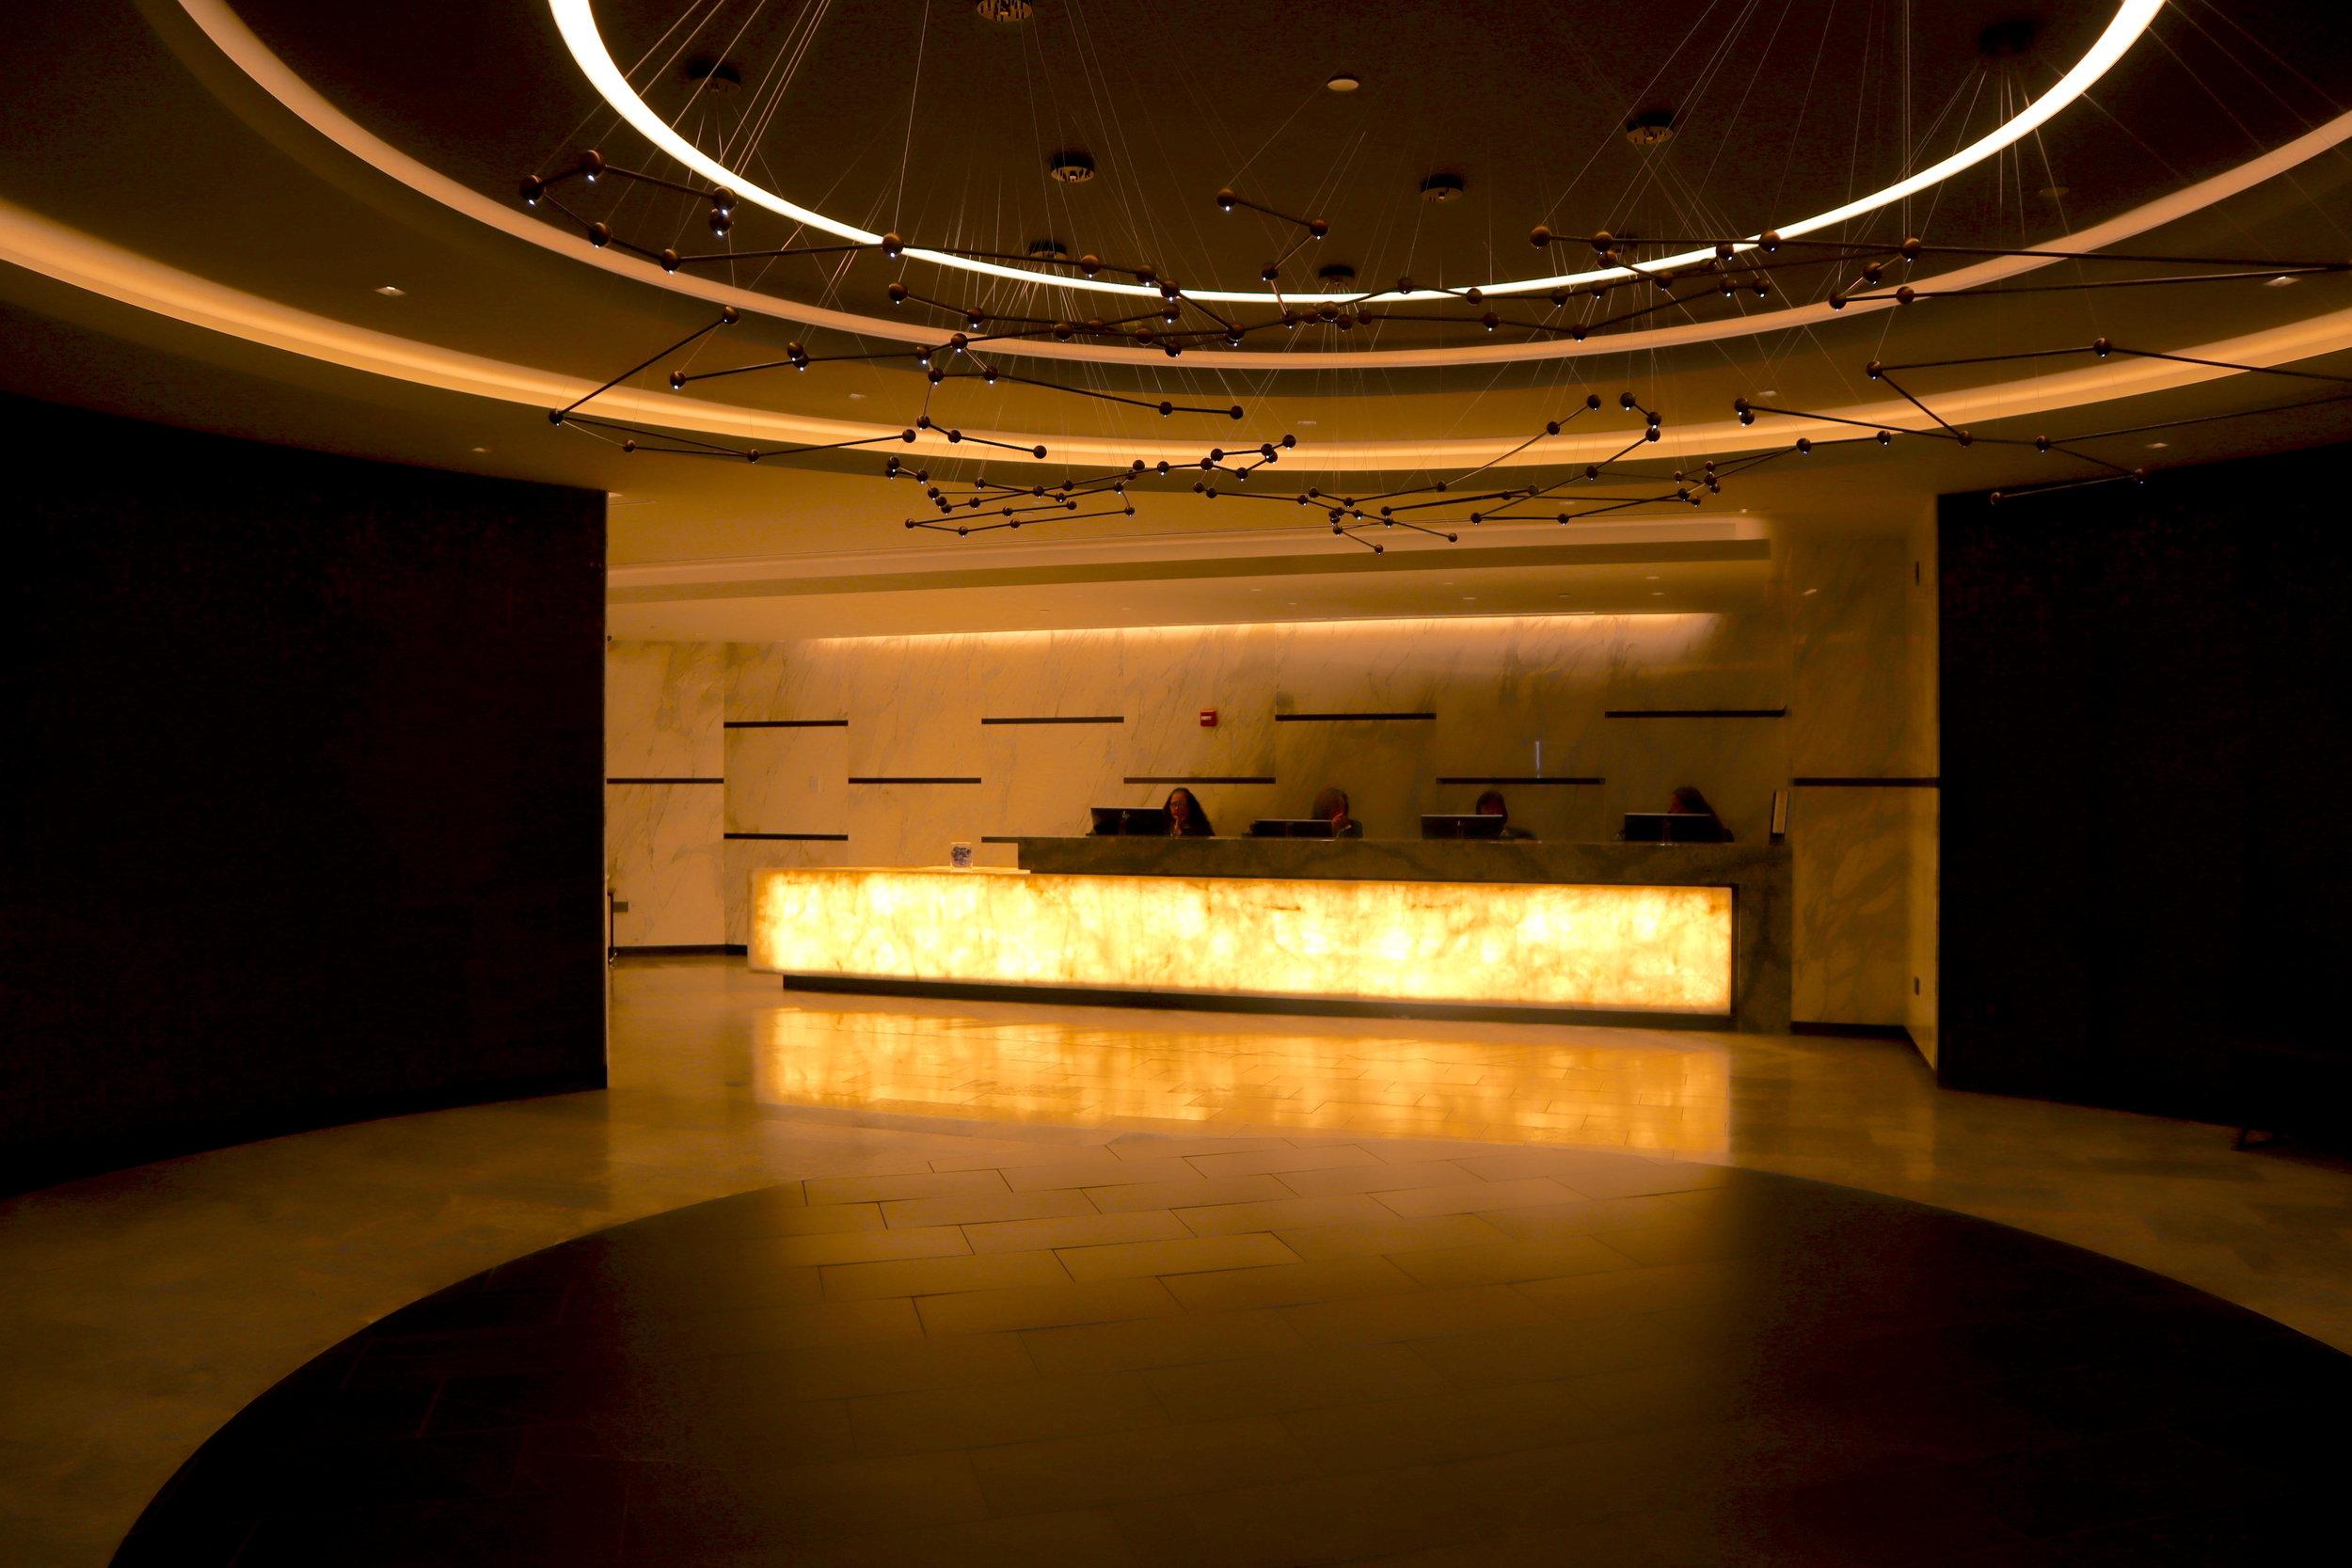 United Polaris Lounge Newark – Foyer